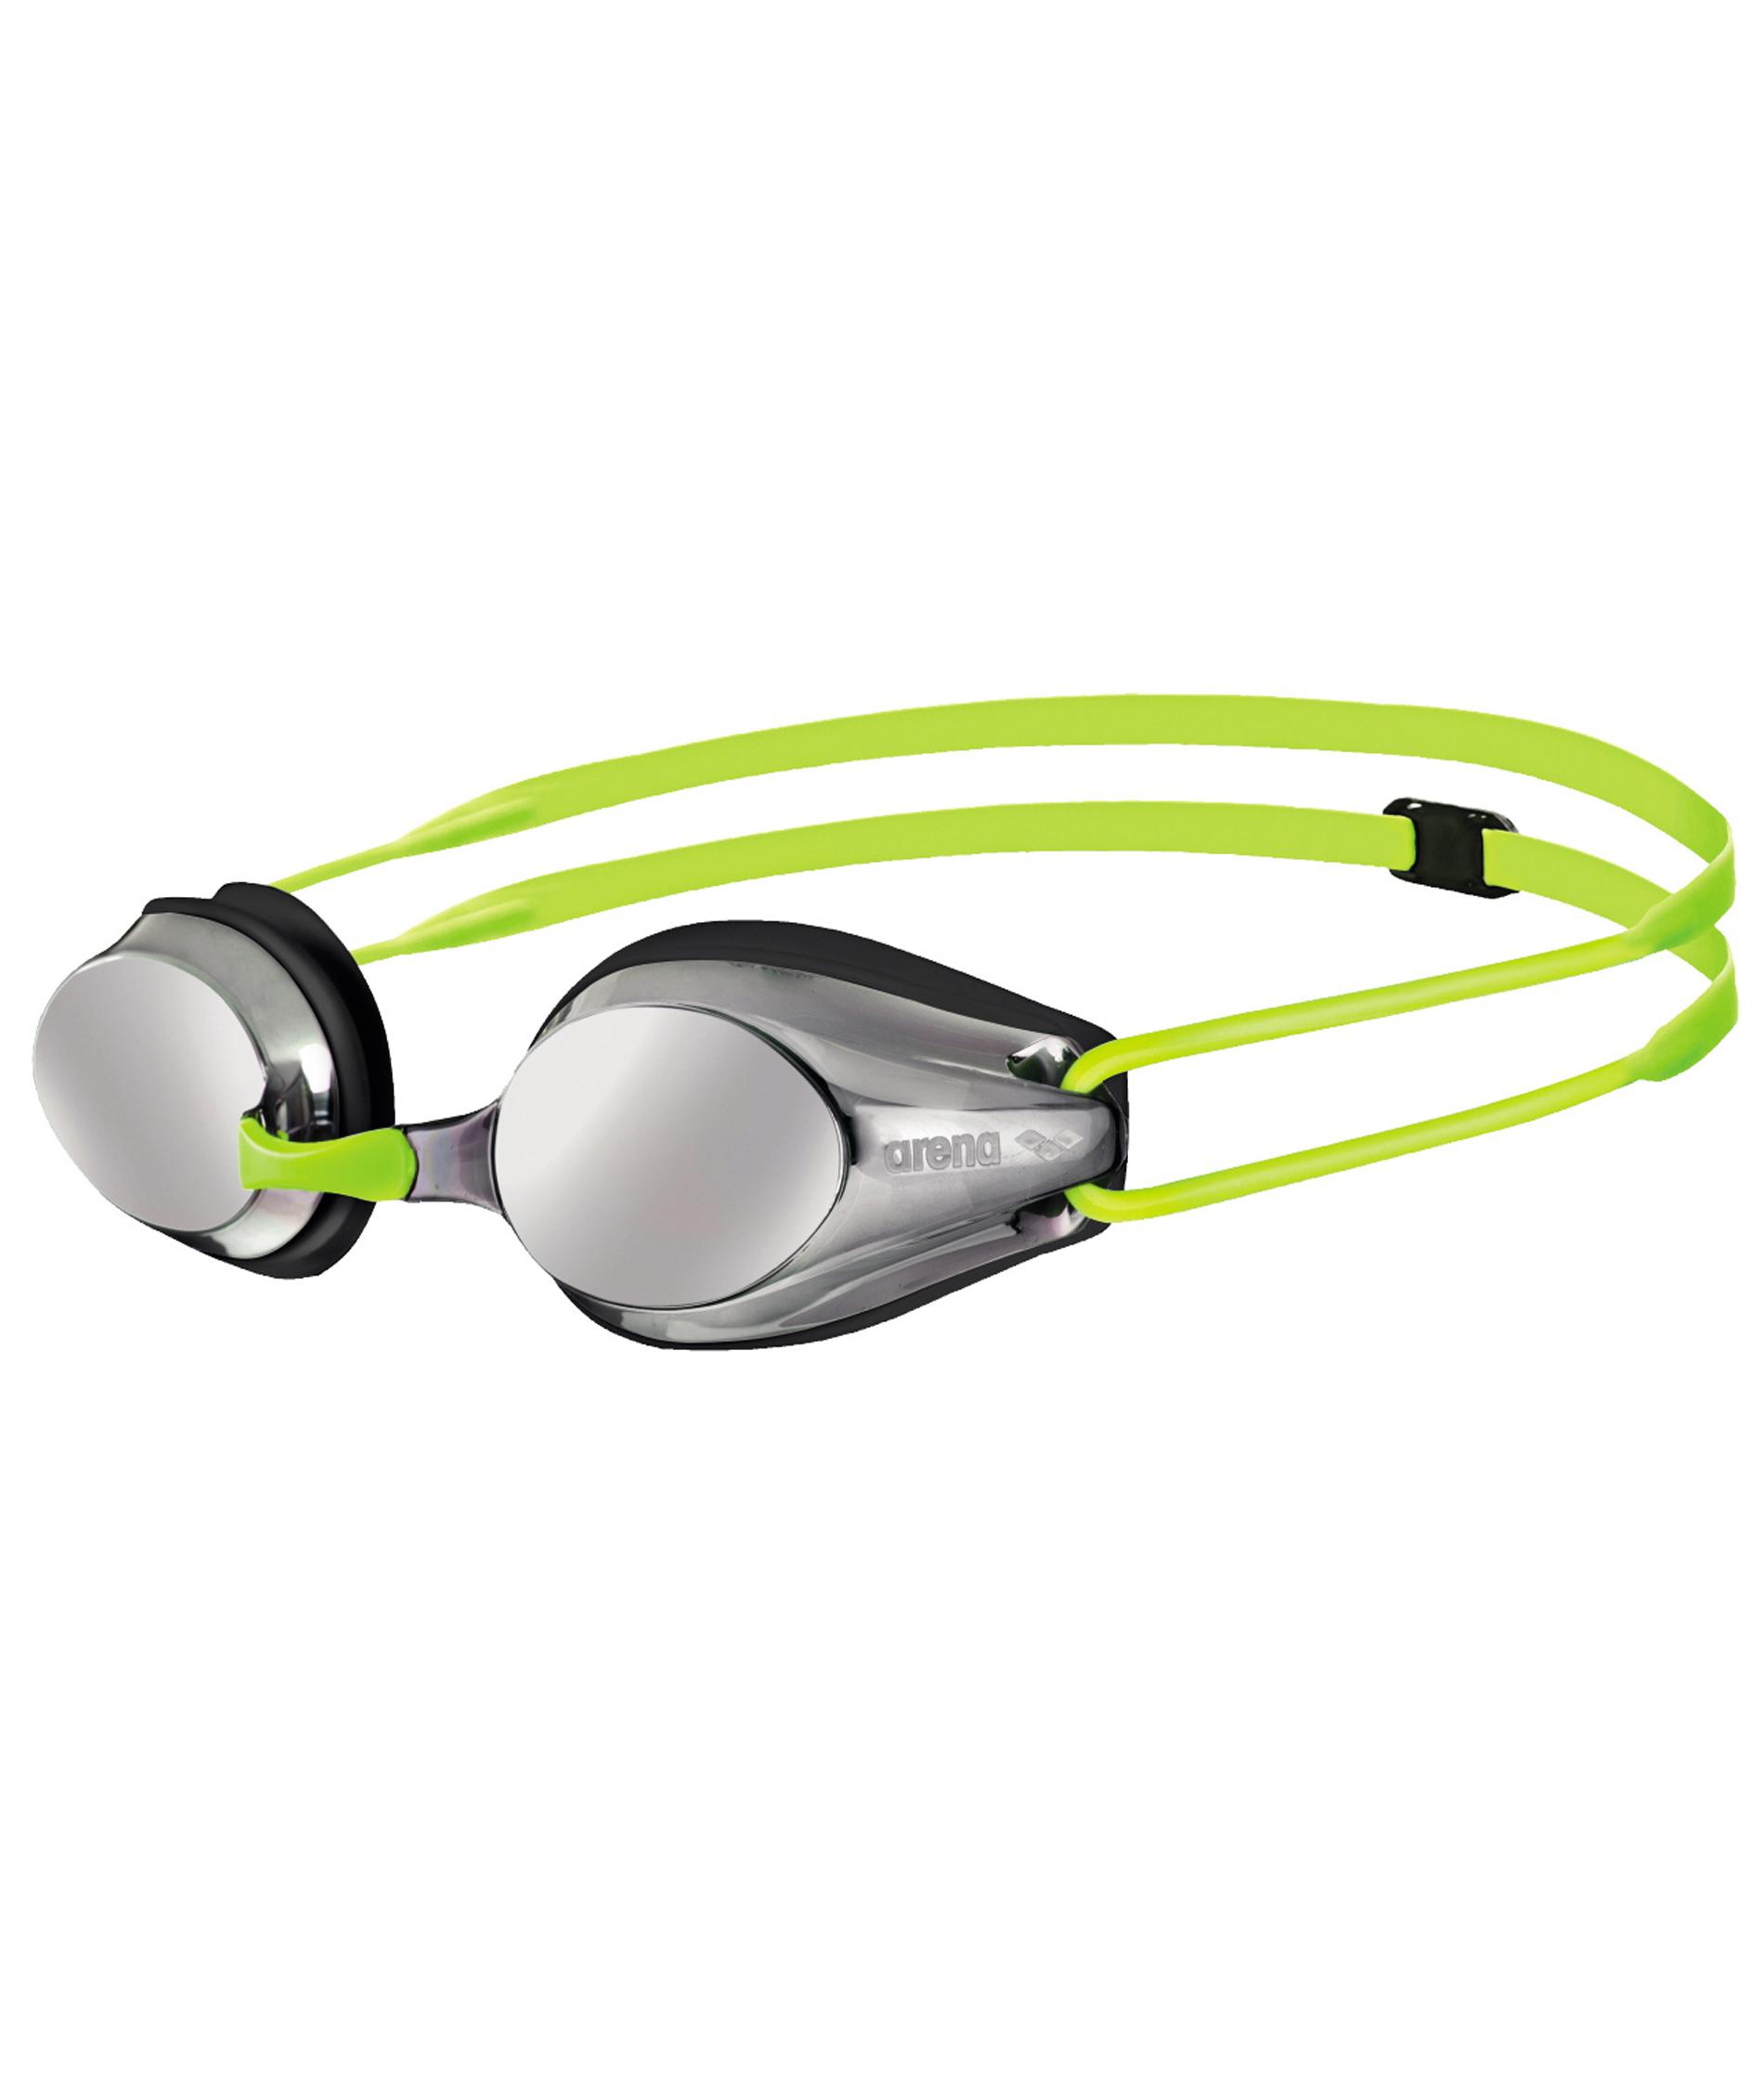 Arena Tracks Junior Mirror Goggles - Silver/Black/Fluorescent Yellow